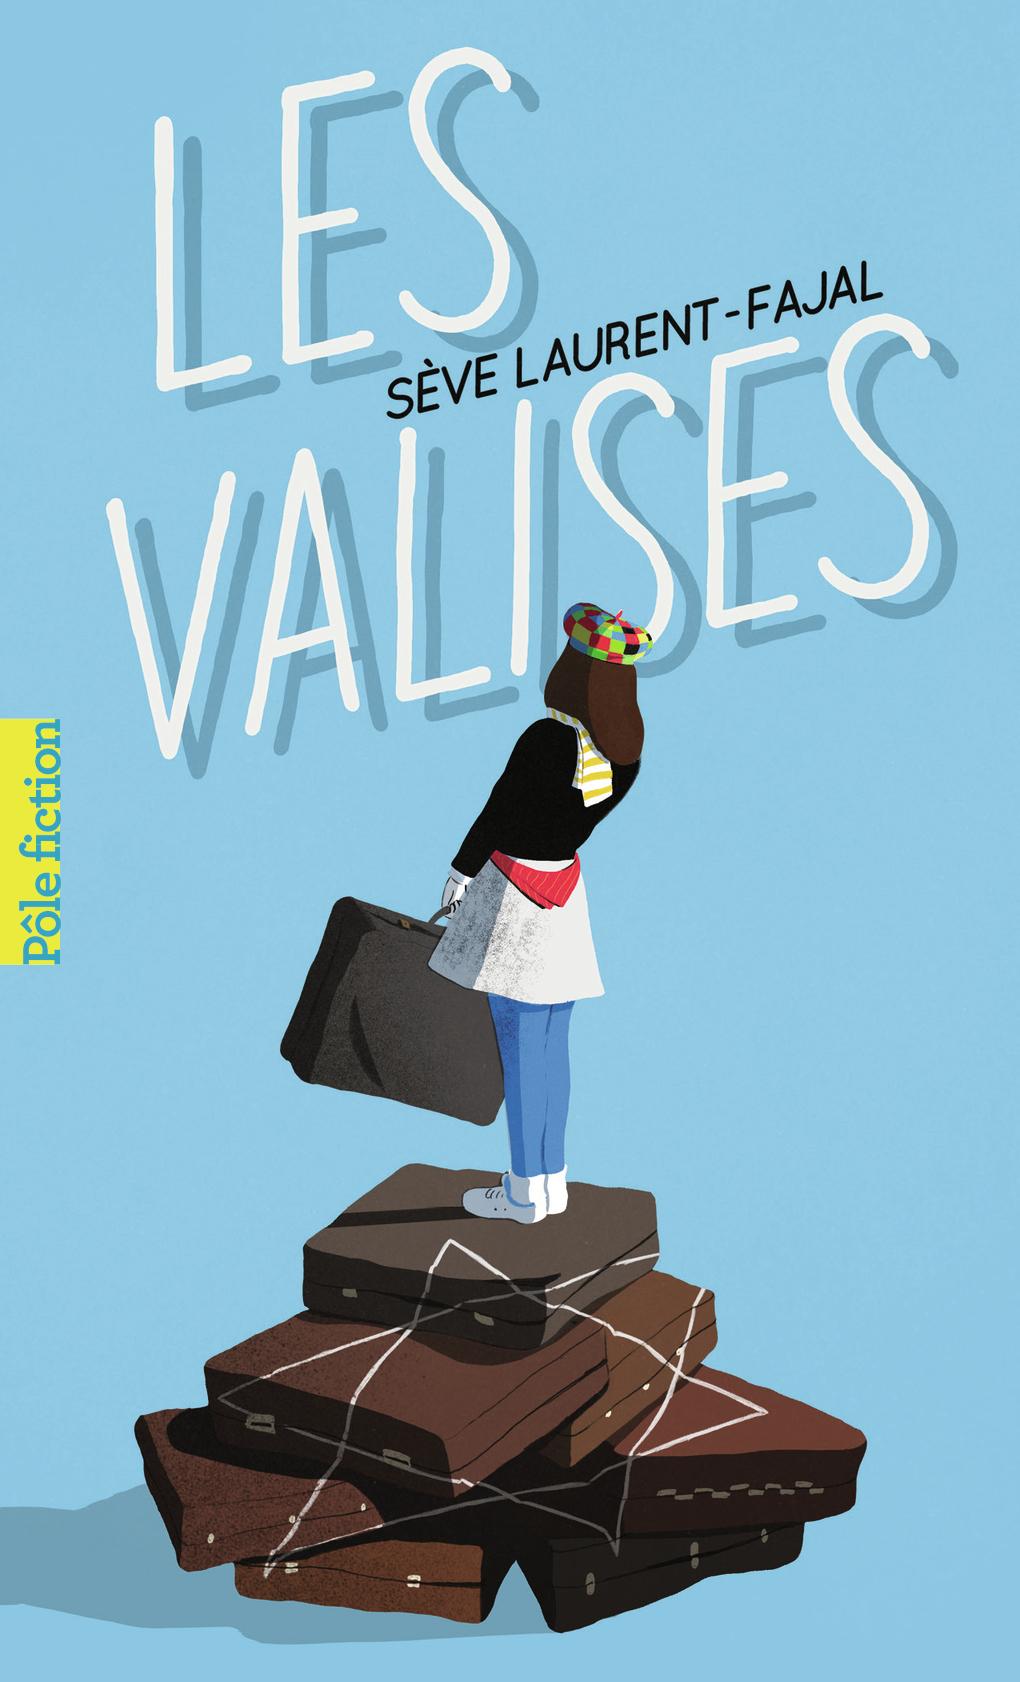 Les valises | Laurent-Fajal, Sève